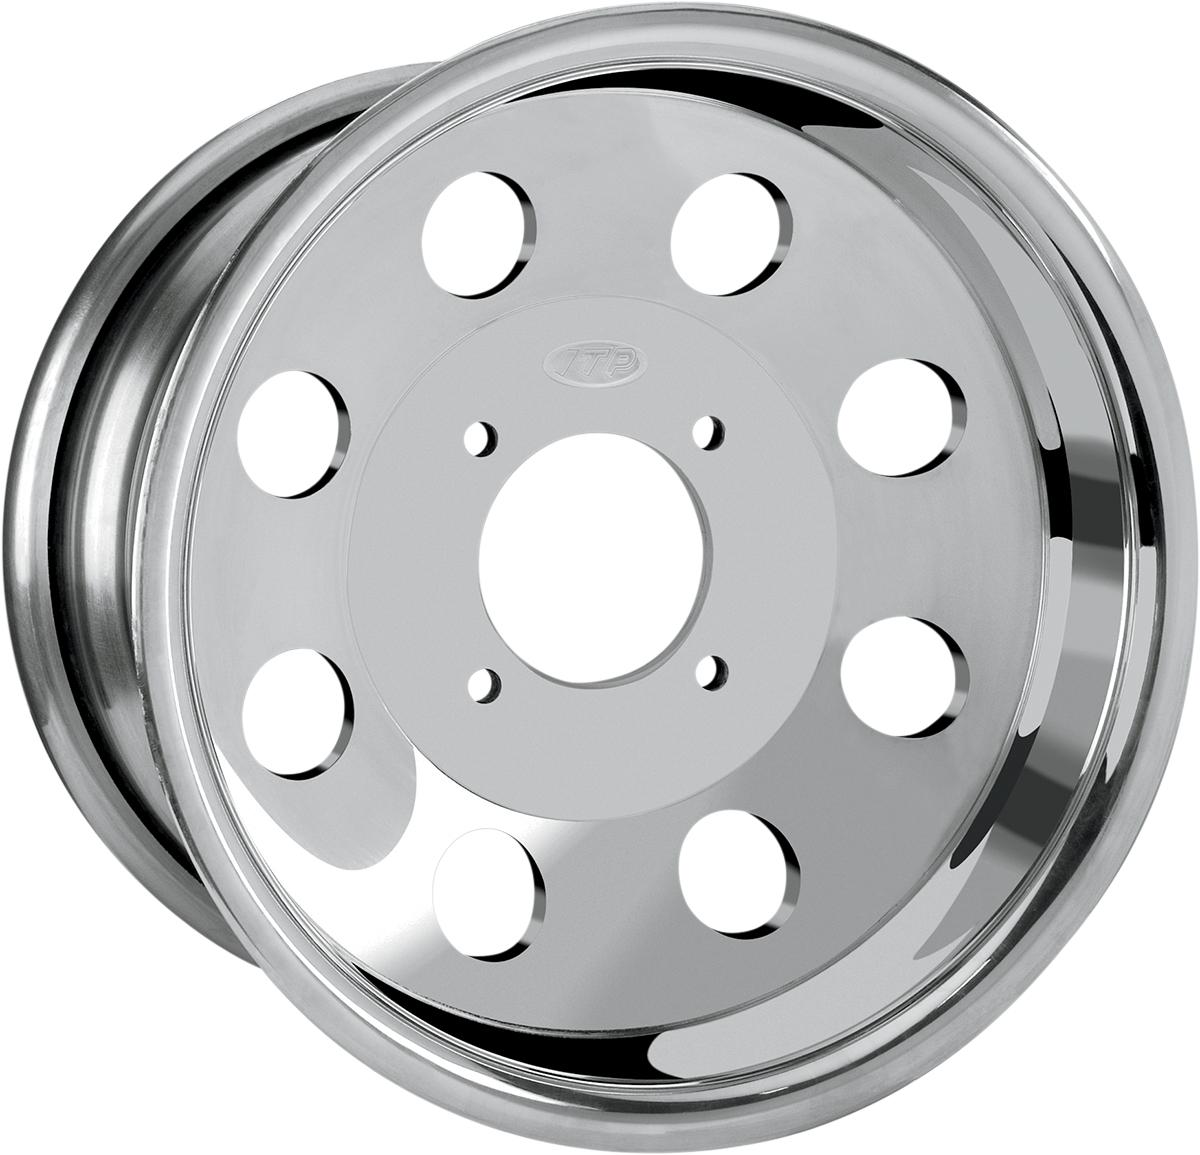 A-6 Pro Mod Wheel